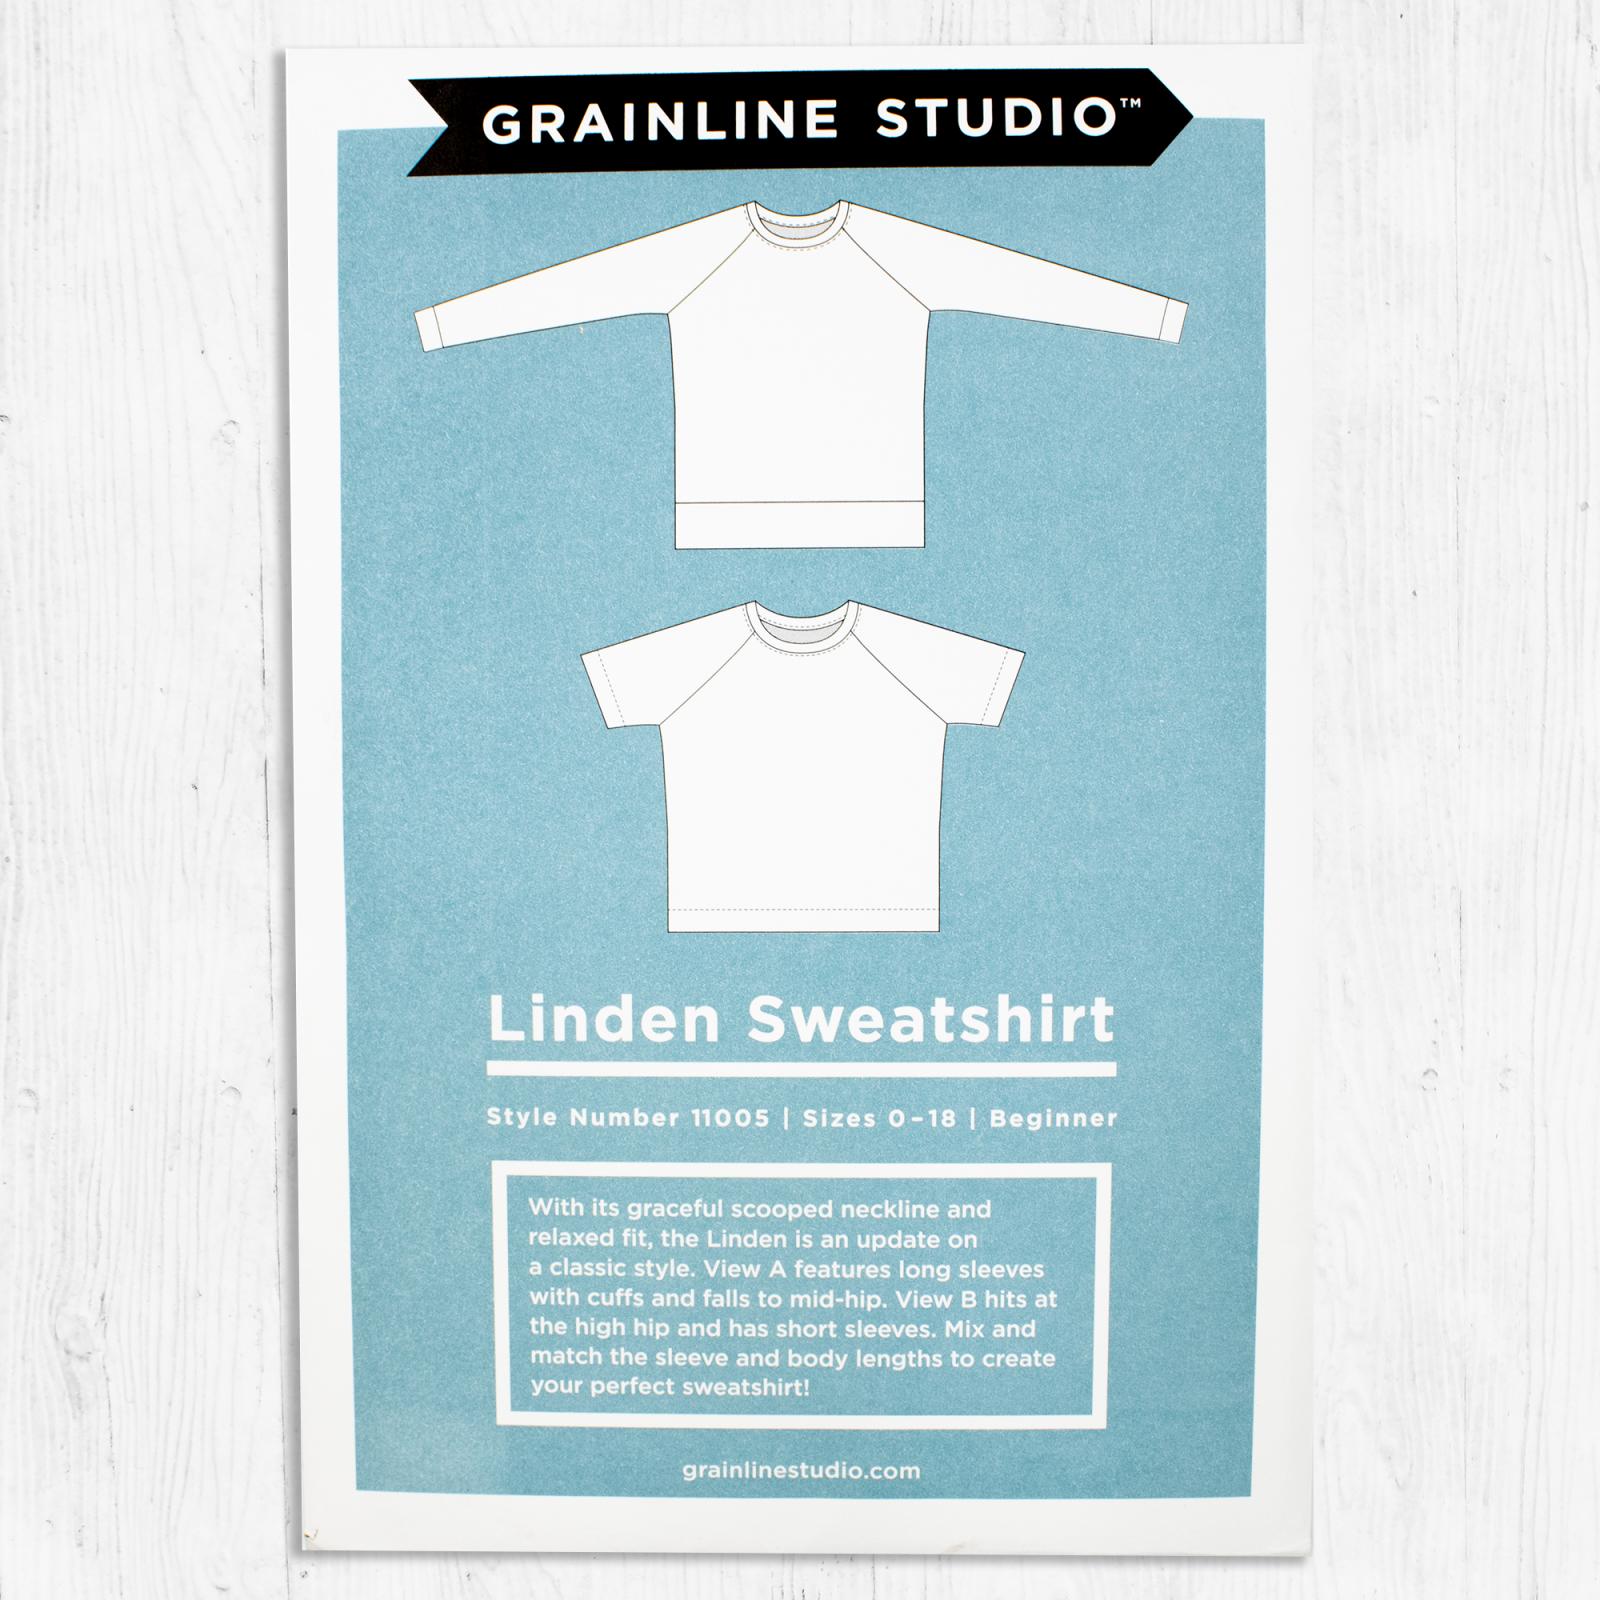 Grainline Studios - Linden Sweatshirt